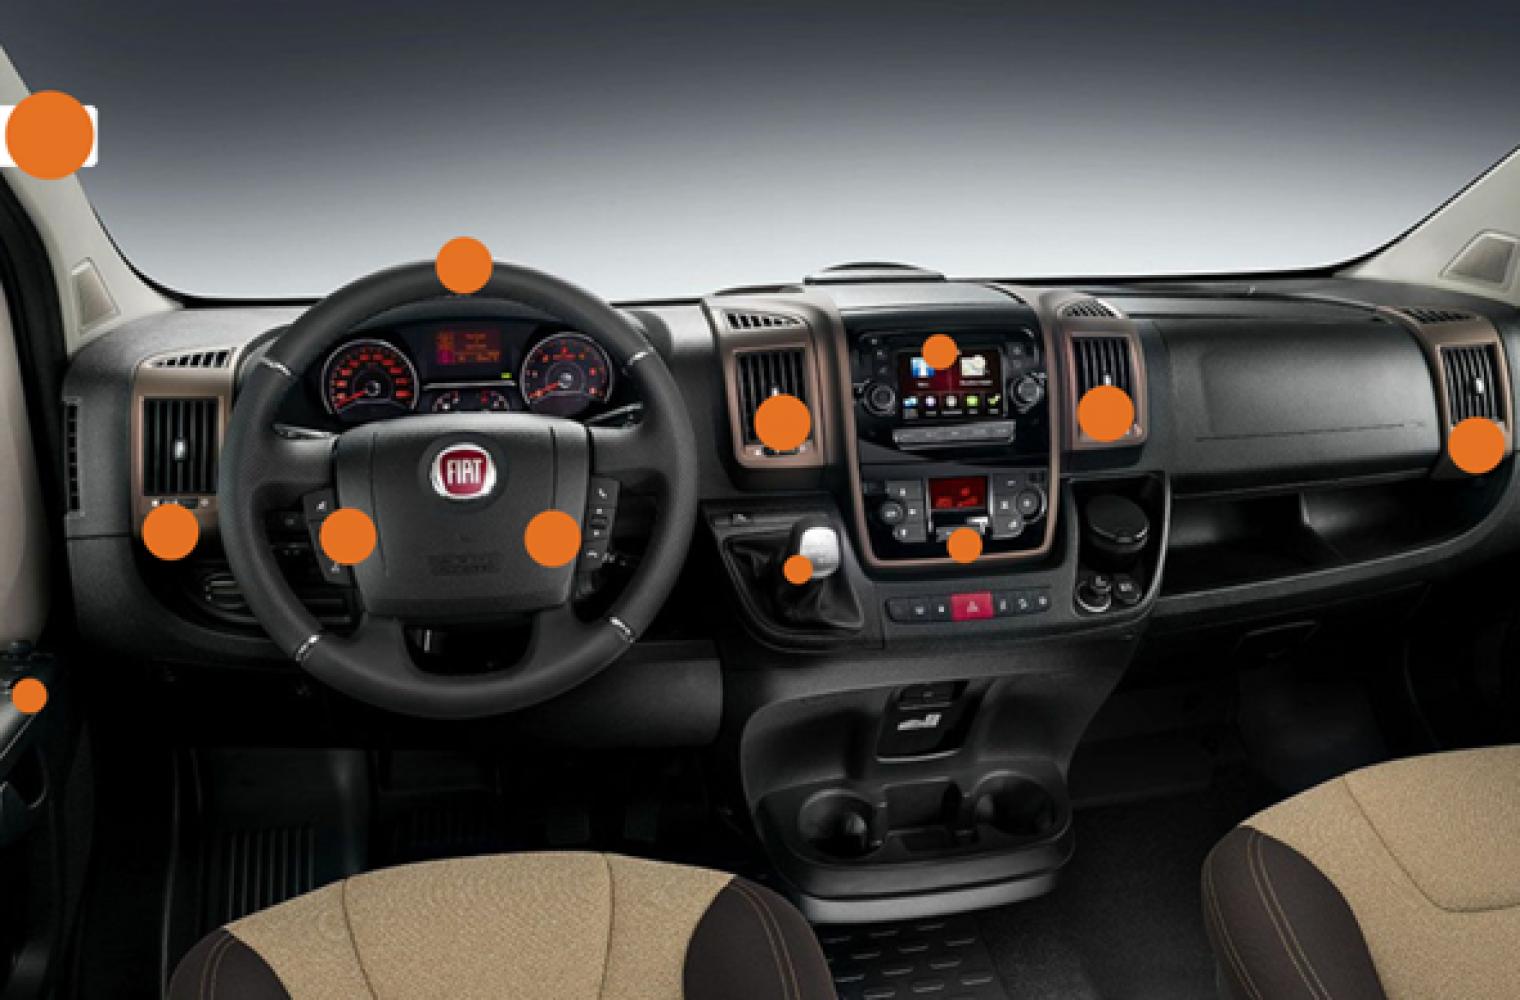 Temeljito se razkuži armaturna plošča in celotna kabina avtodoma.